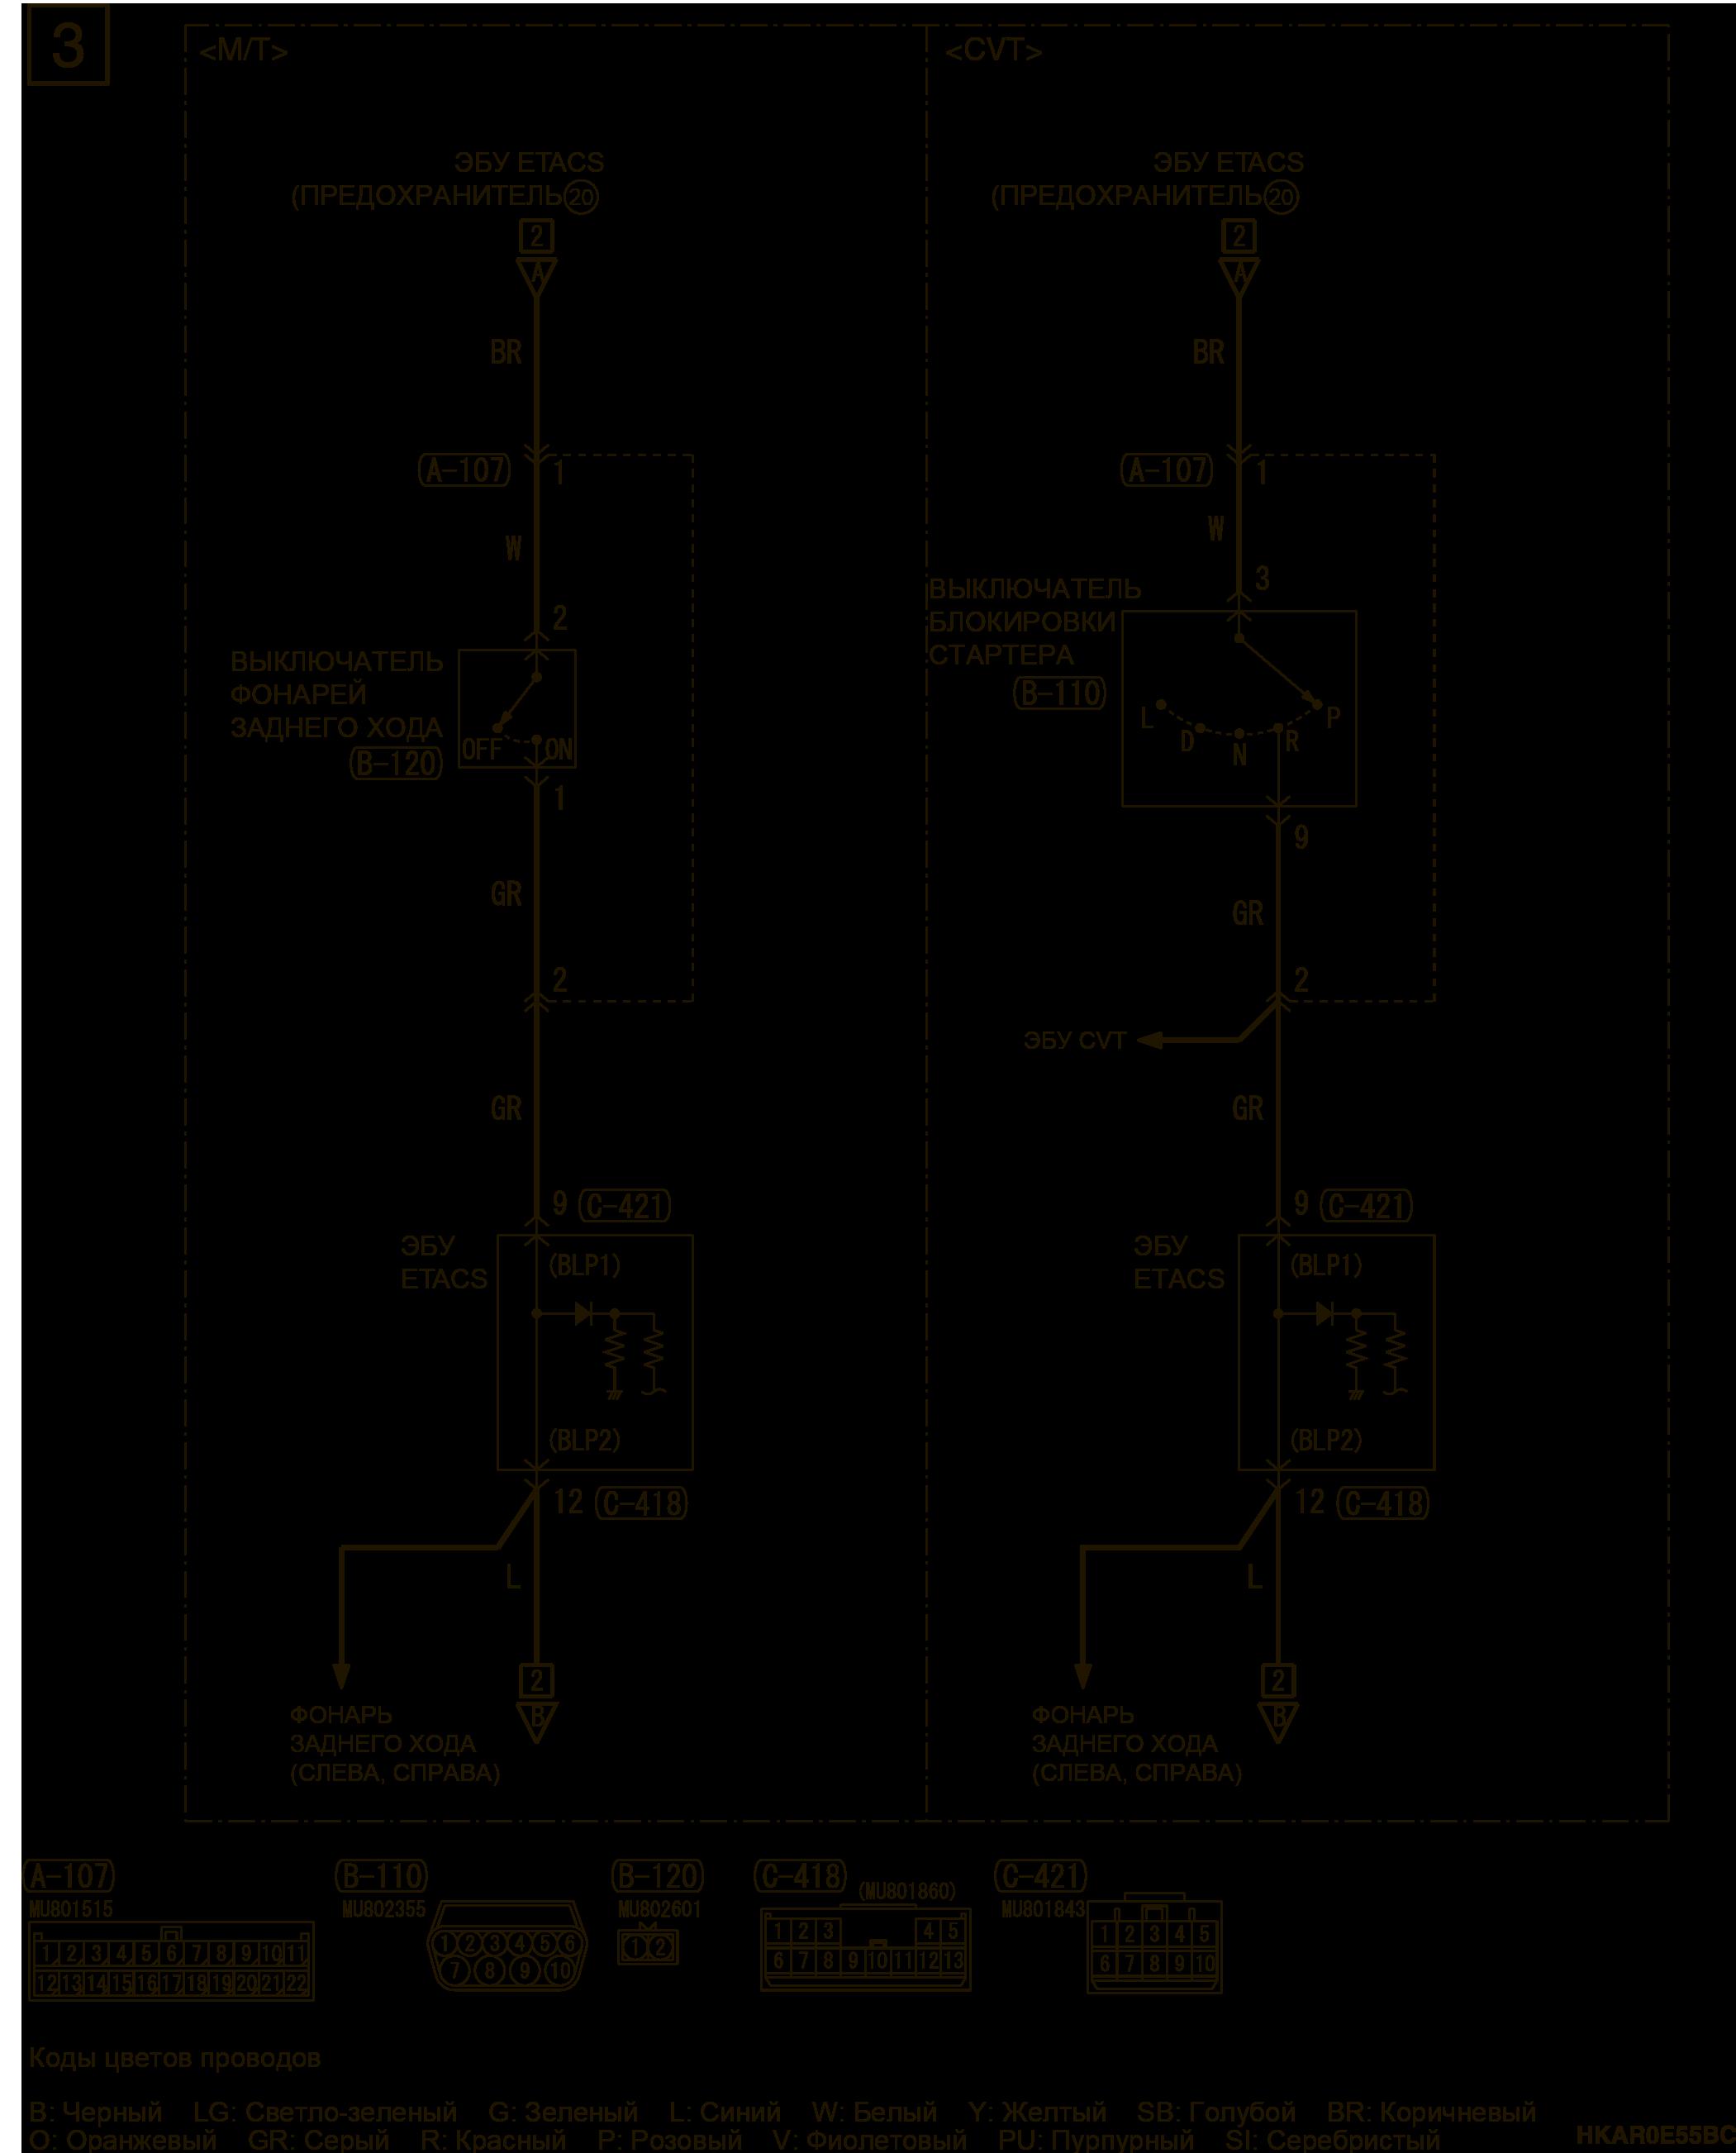 mmc аутлендер 3 2019 электросхемаРЕЗЕРВНЫЙ РАЗЪЕМ (ДЛЯ ЛАМП ПРИЦЕПА)